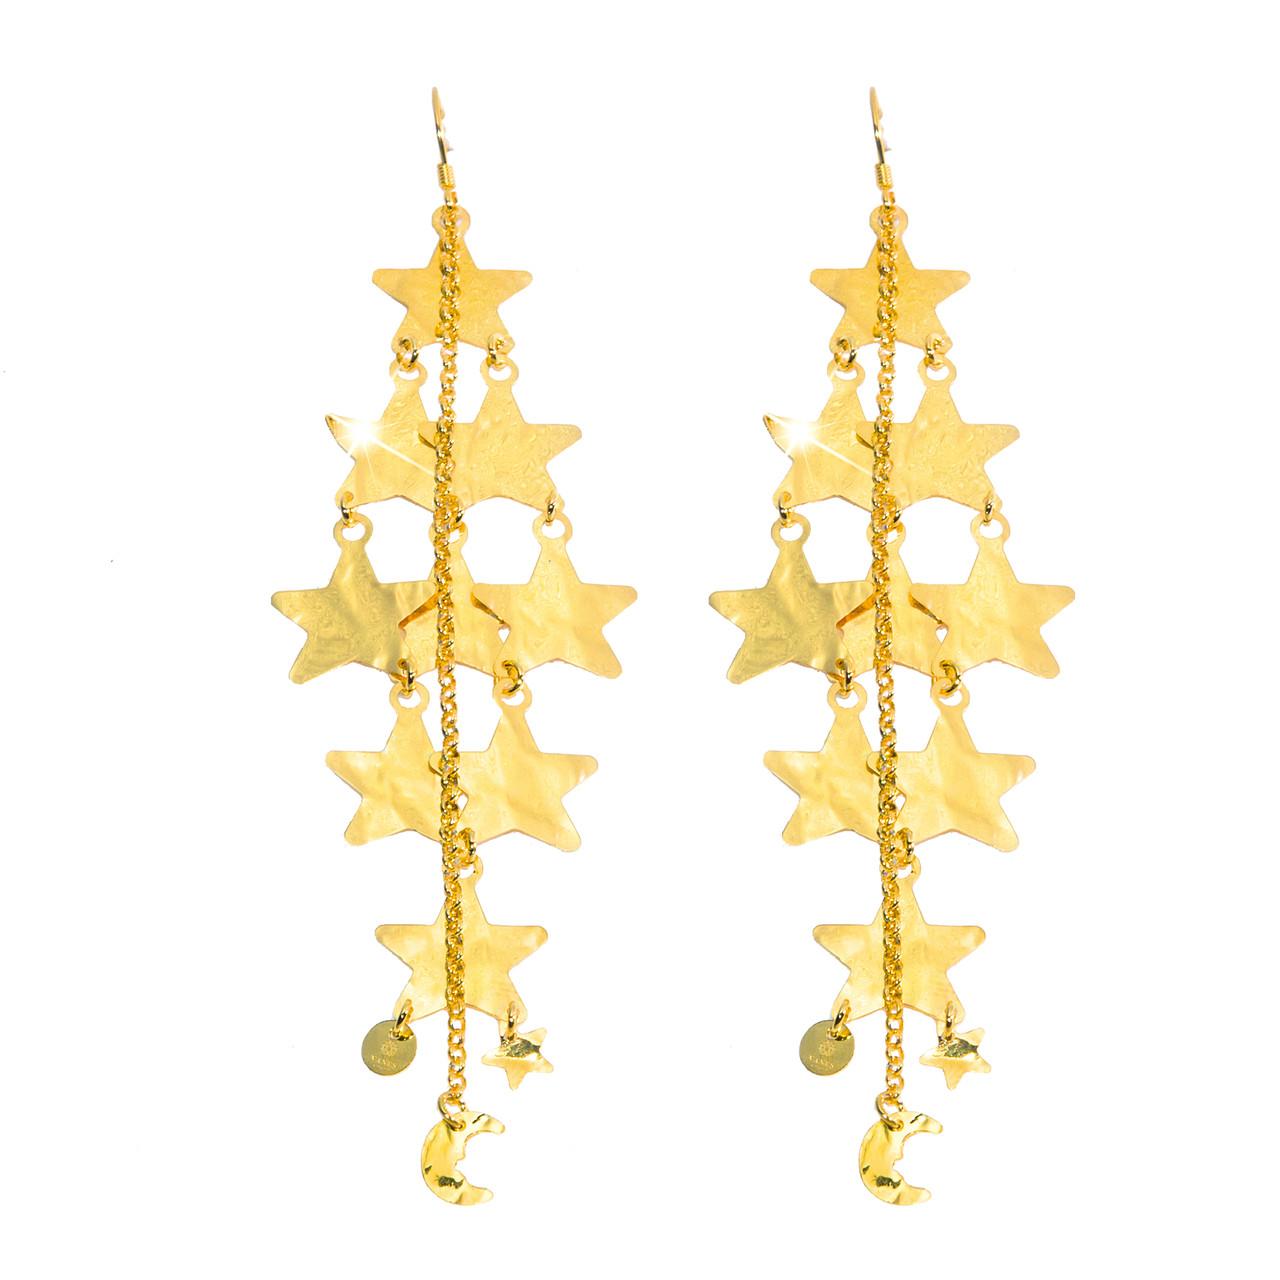 Pendientes de estrellas en plata dorada (175€)